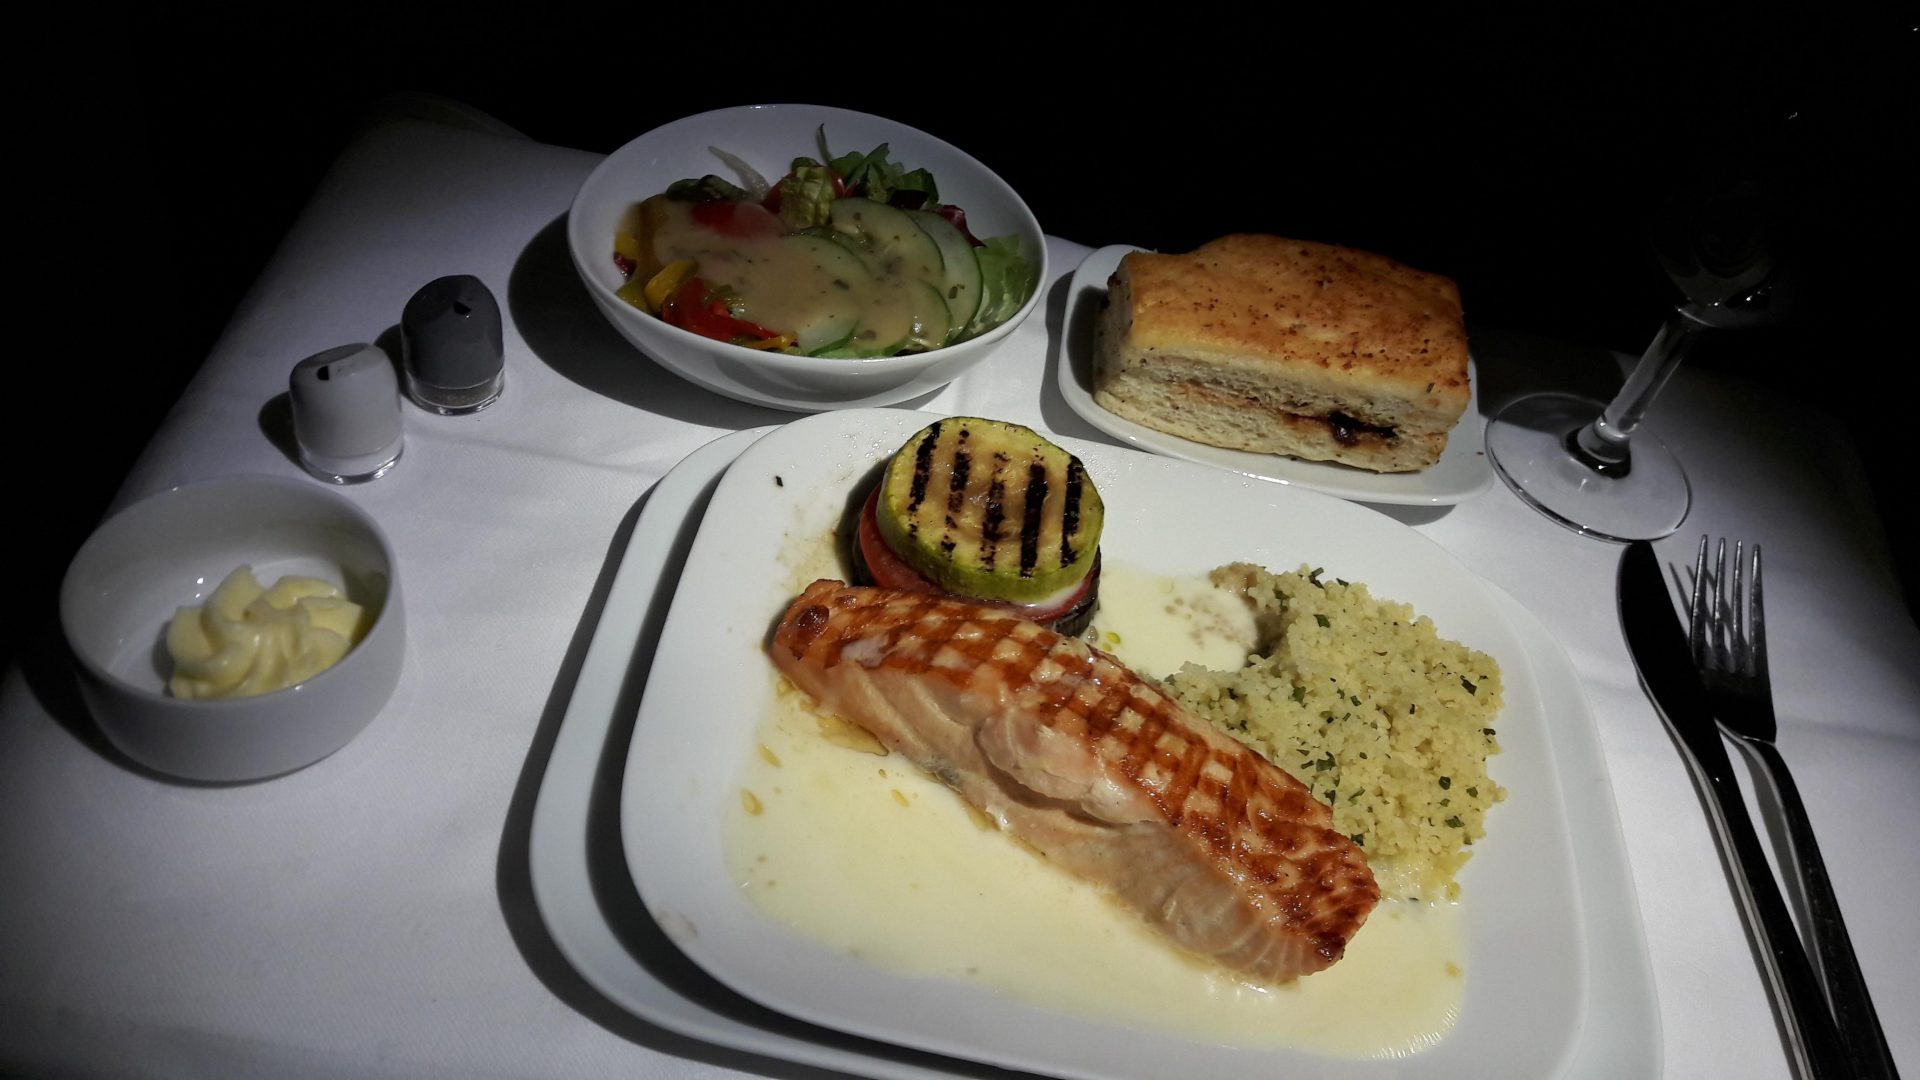 Rybí maso je považováno za jedno nejvhodnějších v jídelníčku.